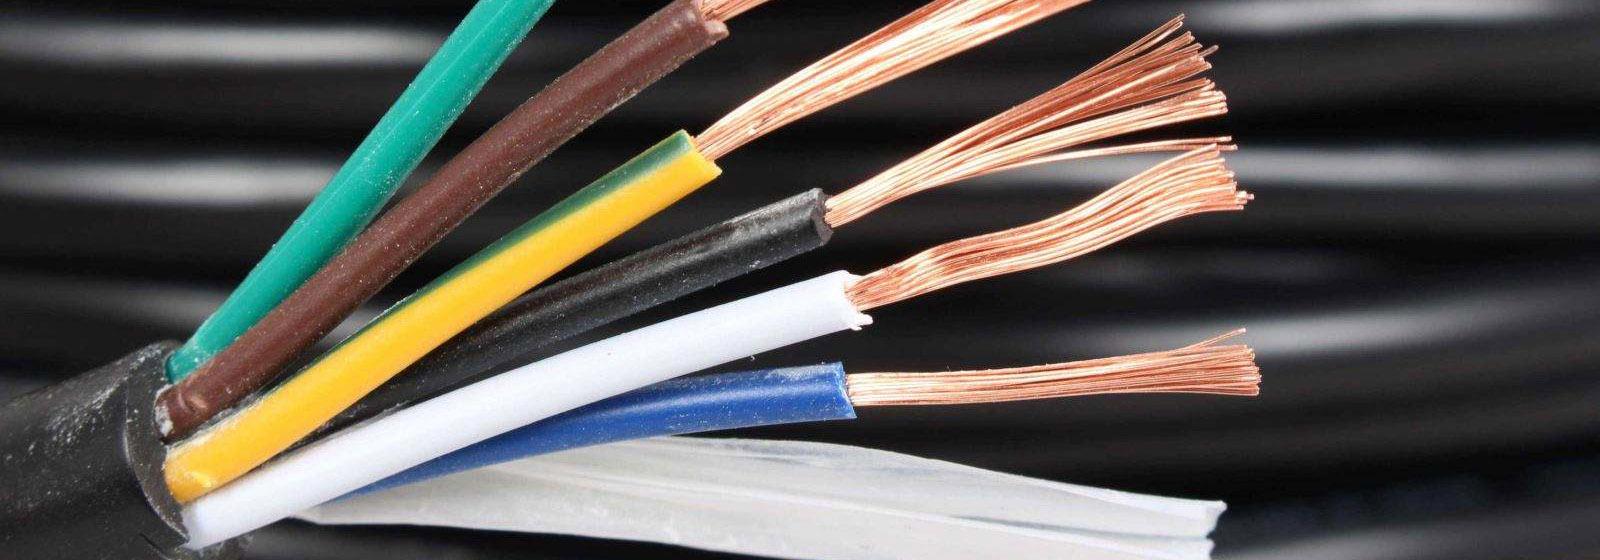 这些保护错你的电力电缆做到了吗